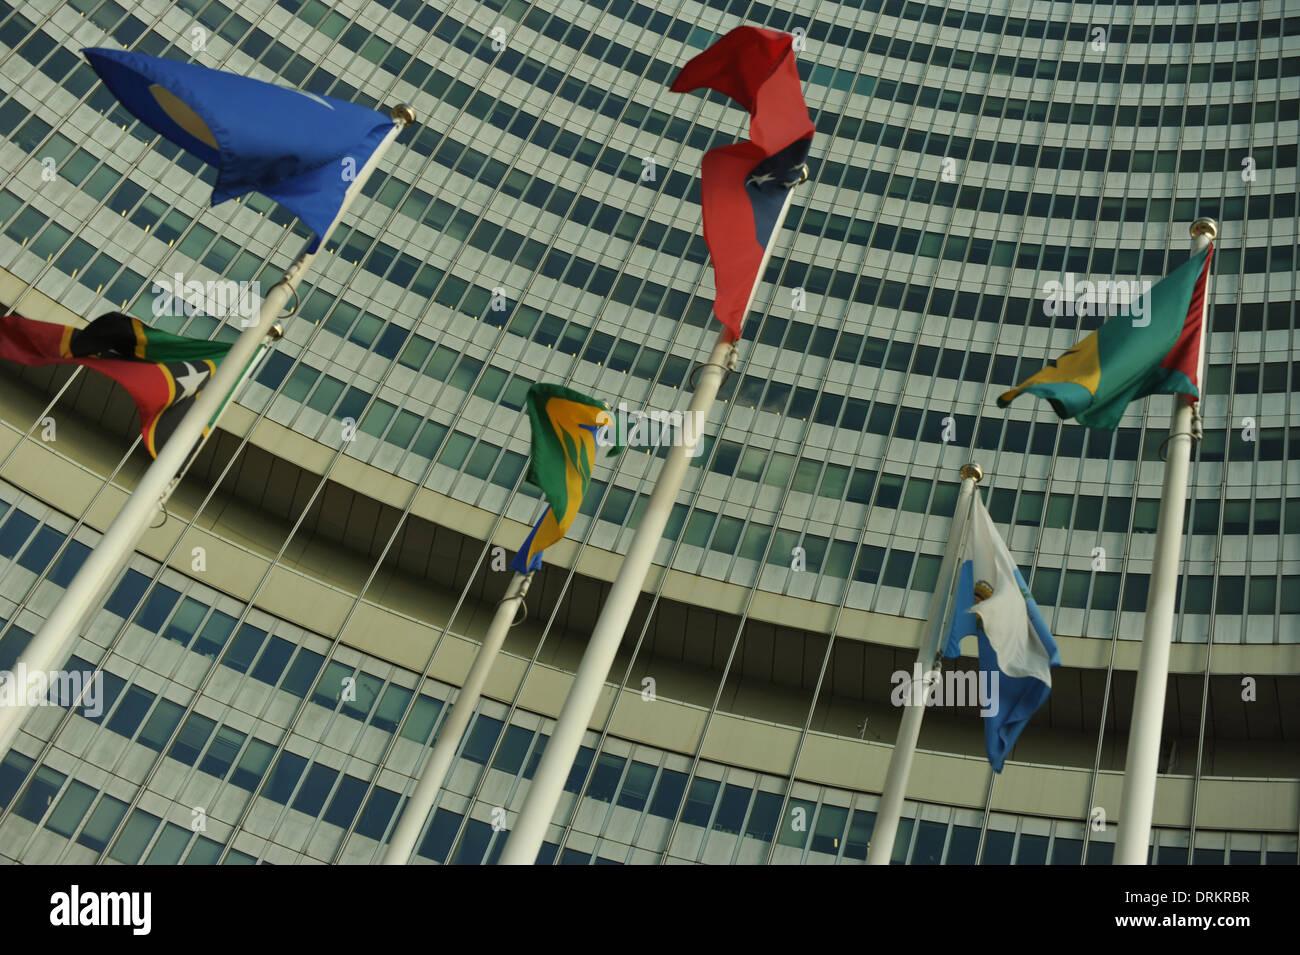 UNO-City in der Donaustadt, Wien, Österreich. Stockbild